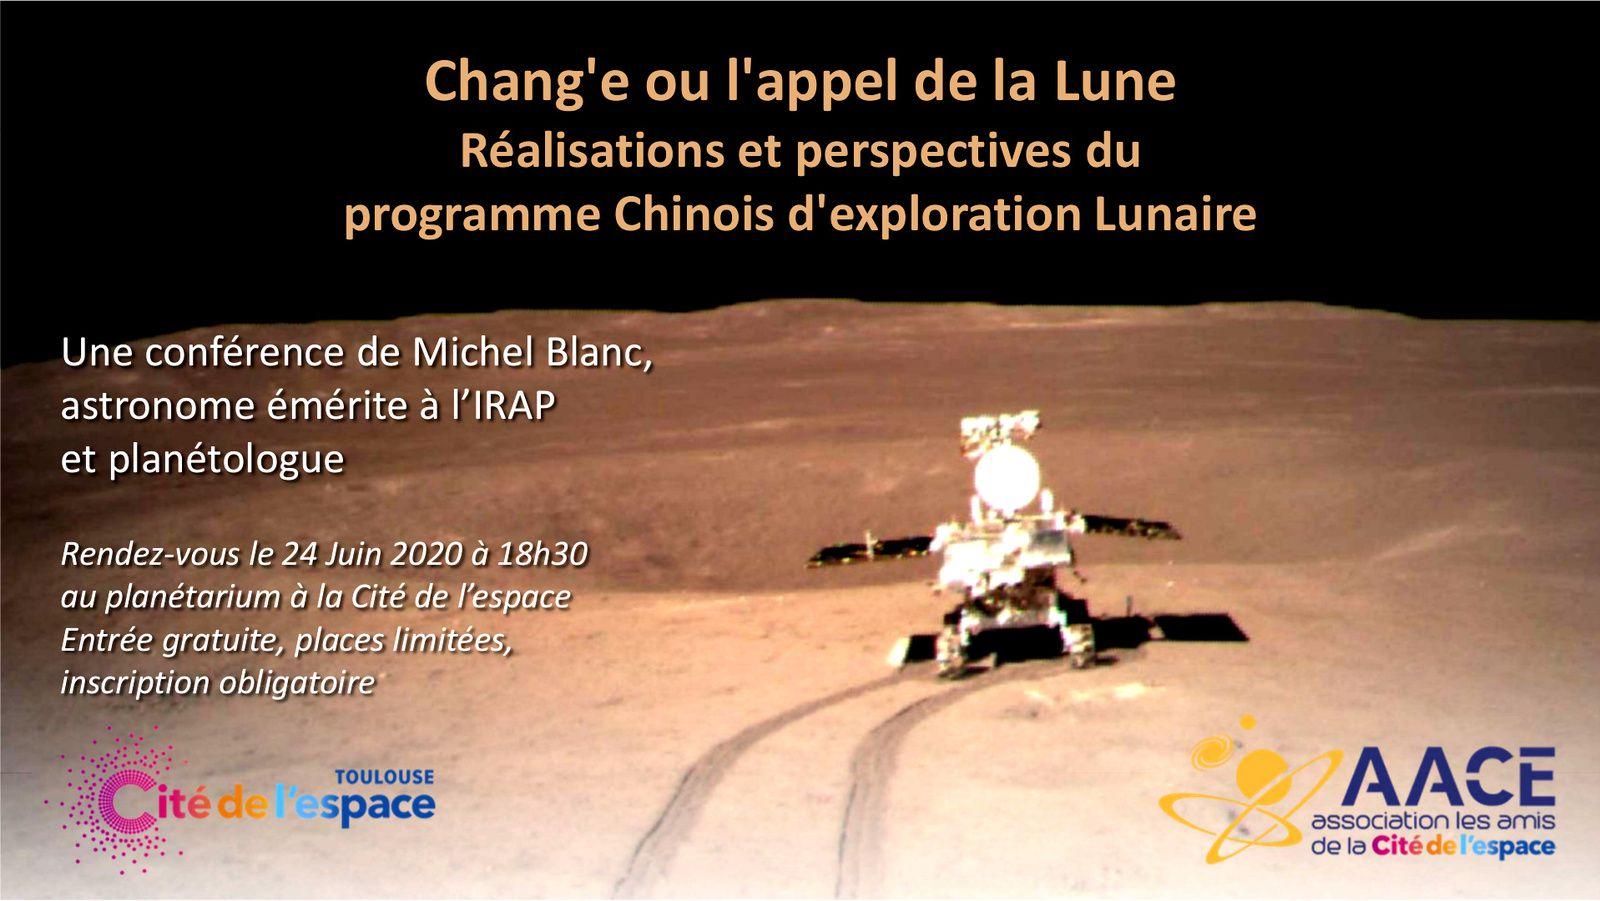 Chang'e ou l'appel de la Lune - Réalisations et perspectives du programme Chinois d'exploration Lunaire - Michel Blanc - Amis de la Cité de l'espace - CNSA - Cité de l'espace